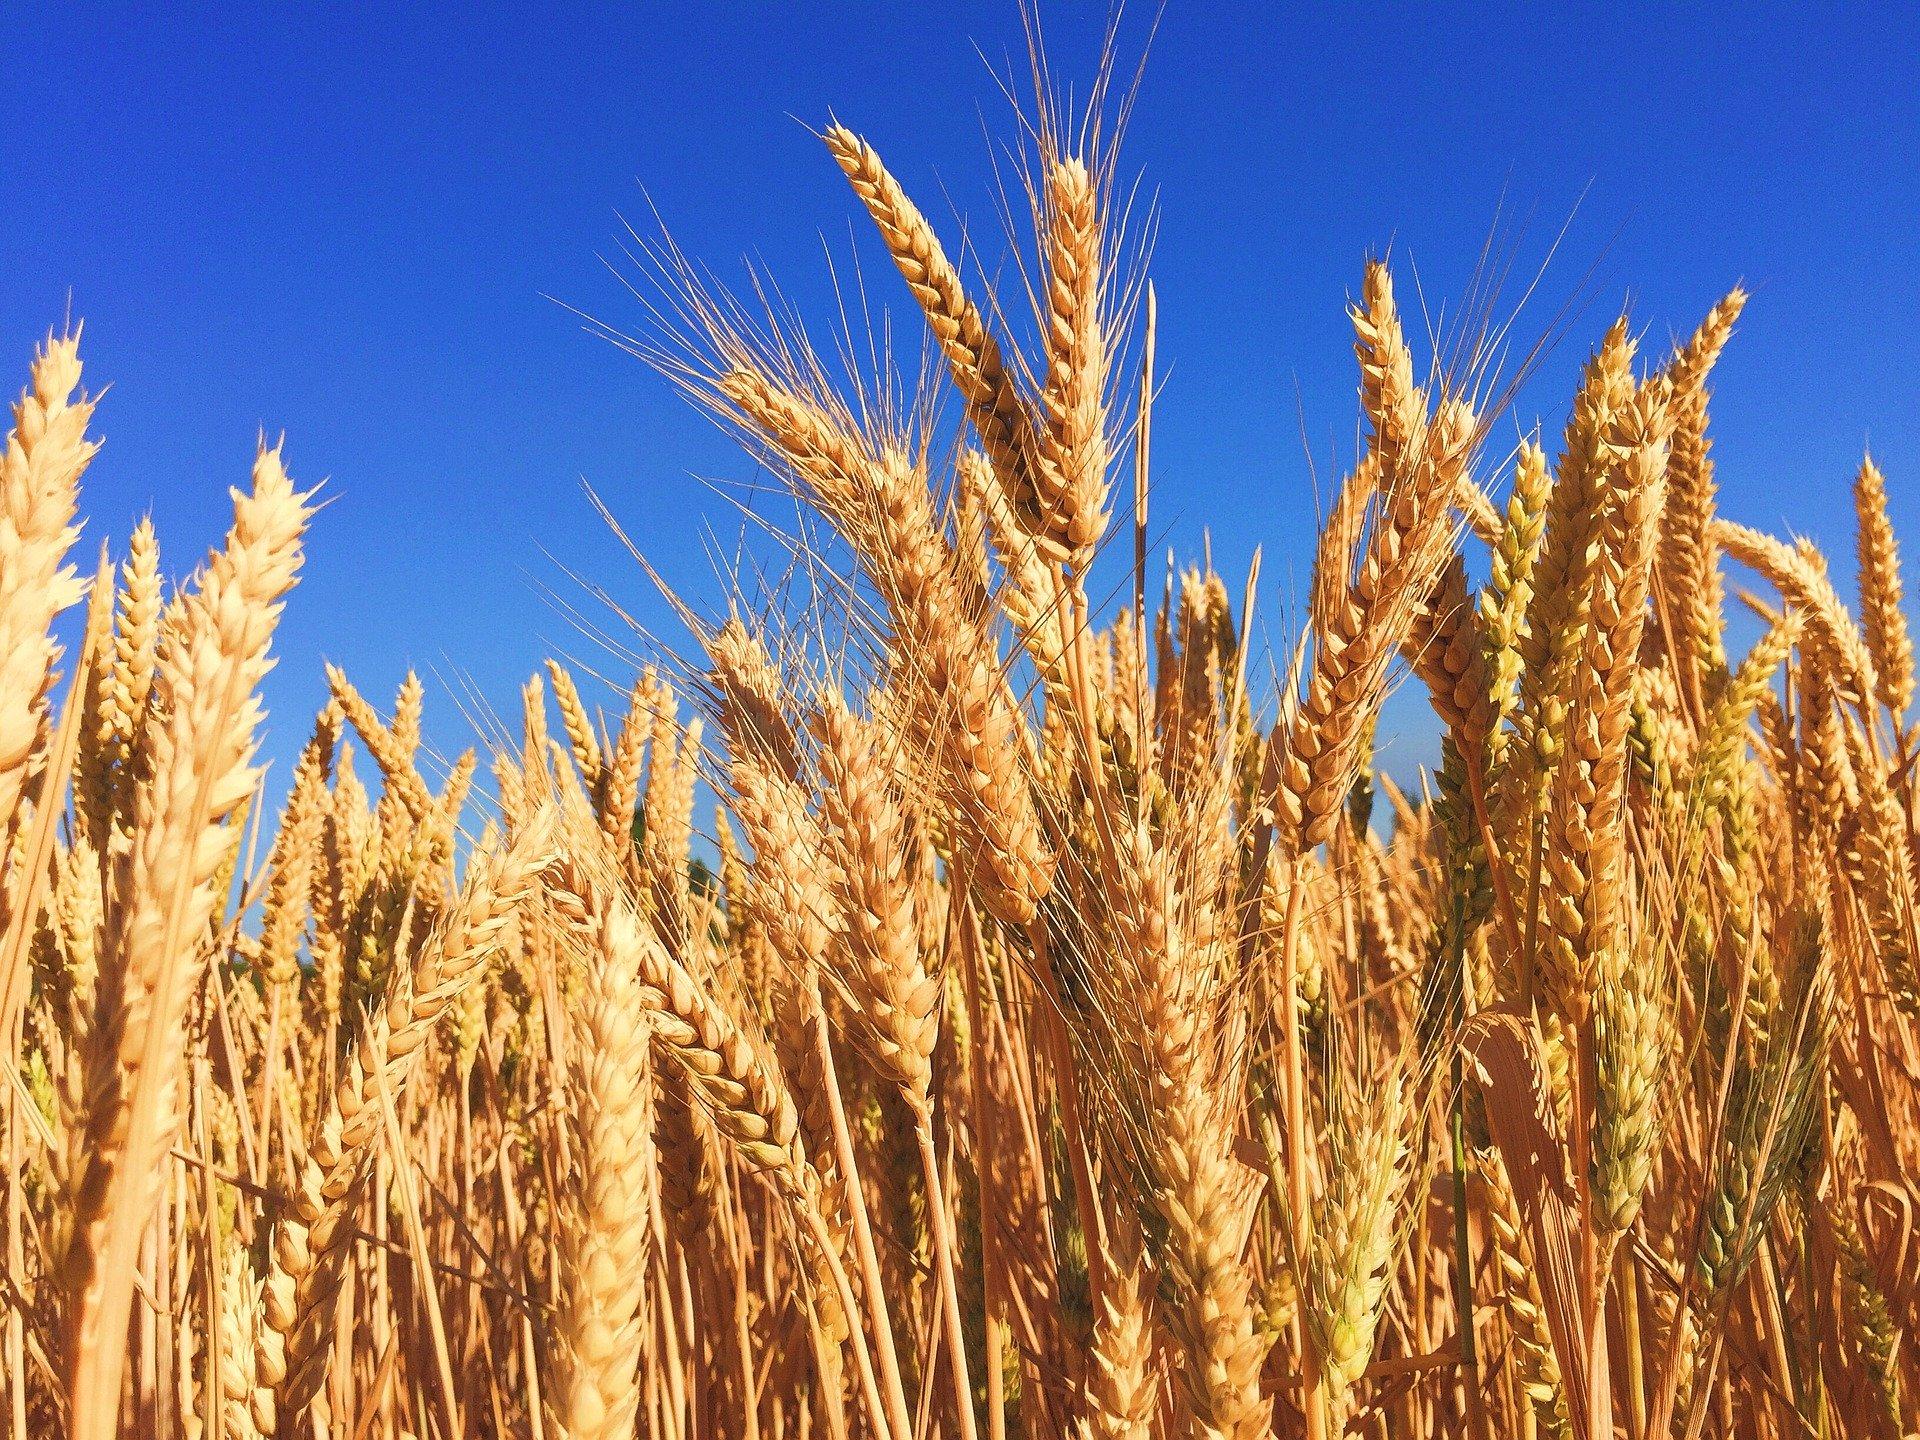 En 2020/2021, l'Afrique du Nord pourrait être le premier importateur mondial de blé